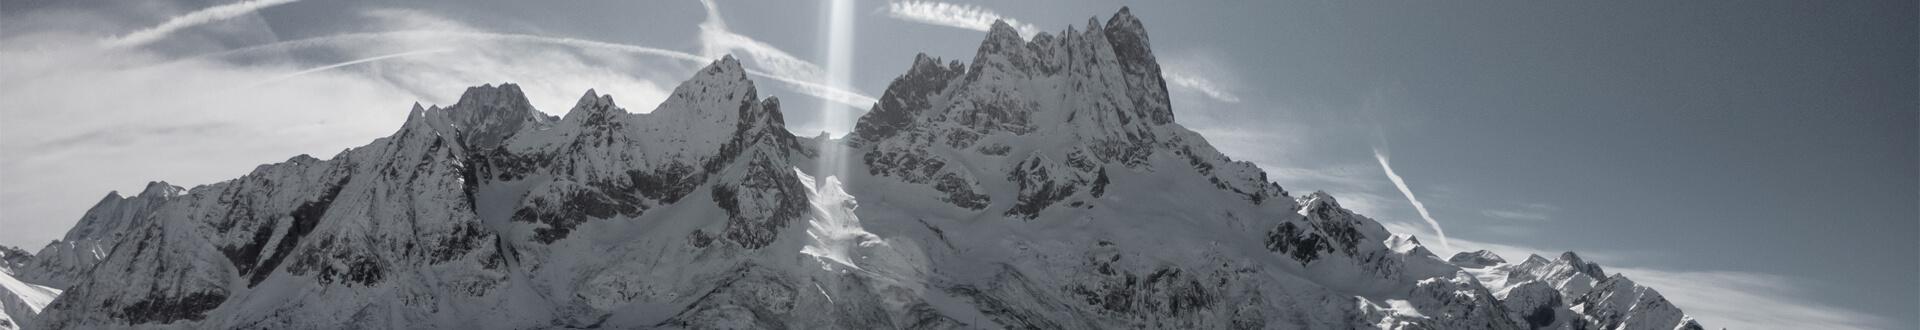 testata all mountain 1920x330 1 1